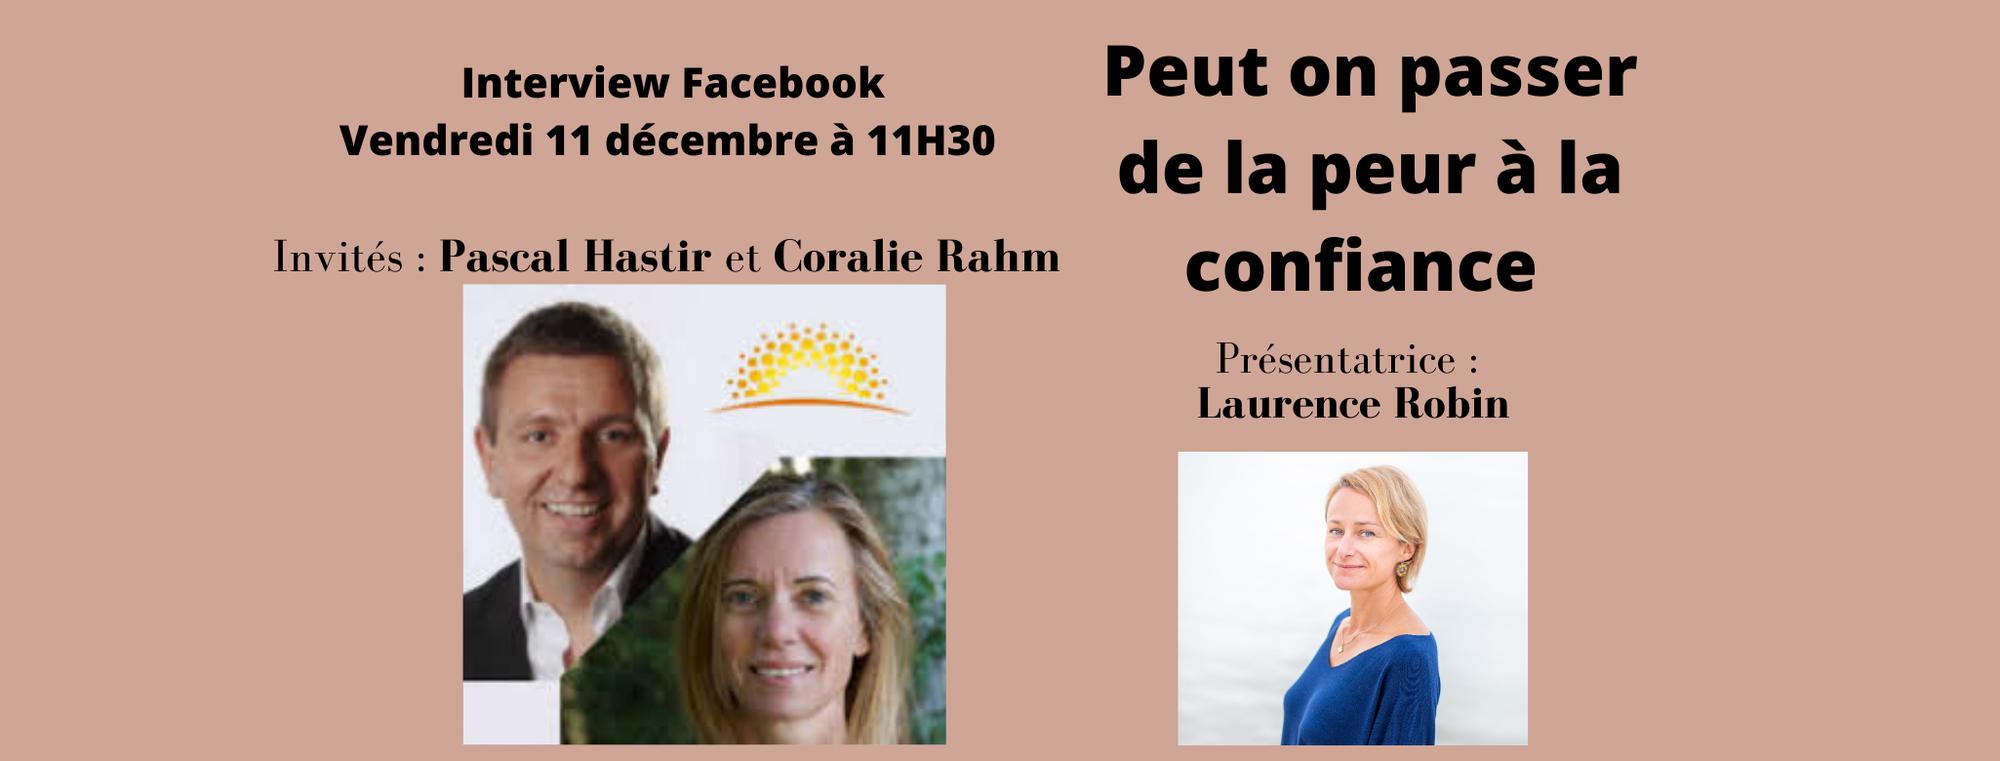 Interview Pascal Hastir et Coralie Rahm : Peut on passer de la peur à la confiance ?